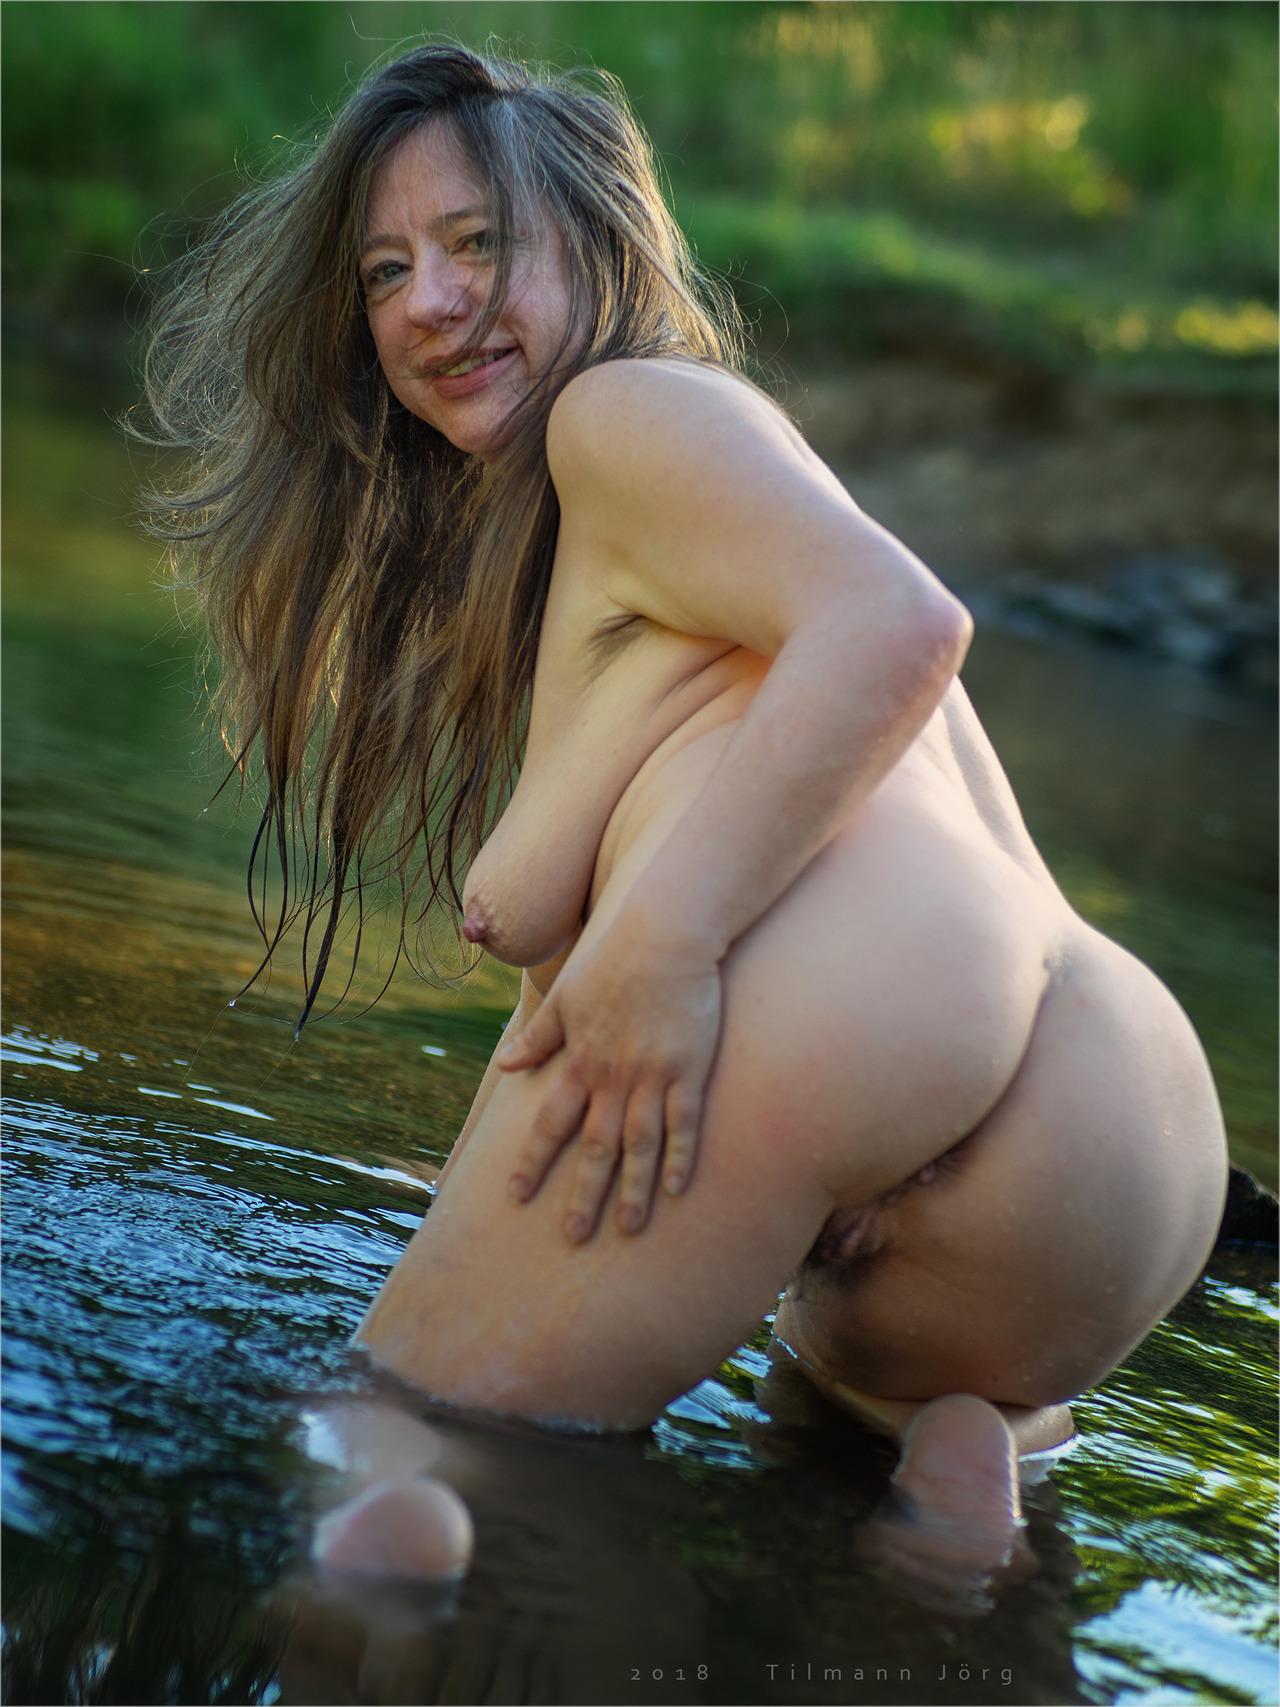 Nackte Frau kniet in seichtem Wasser